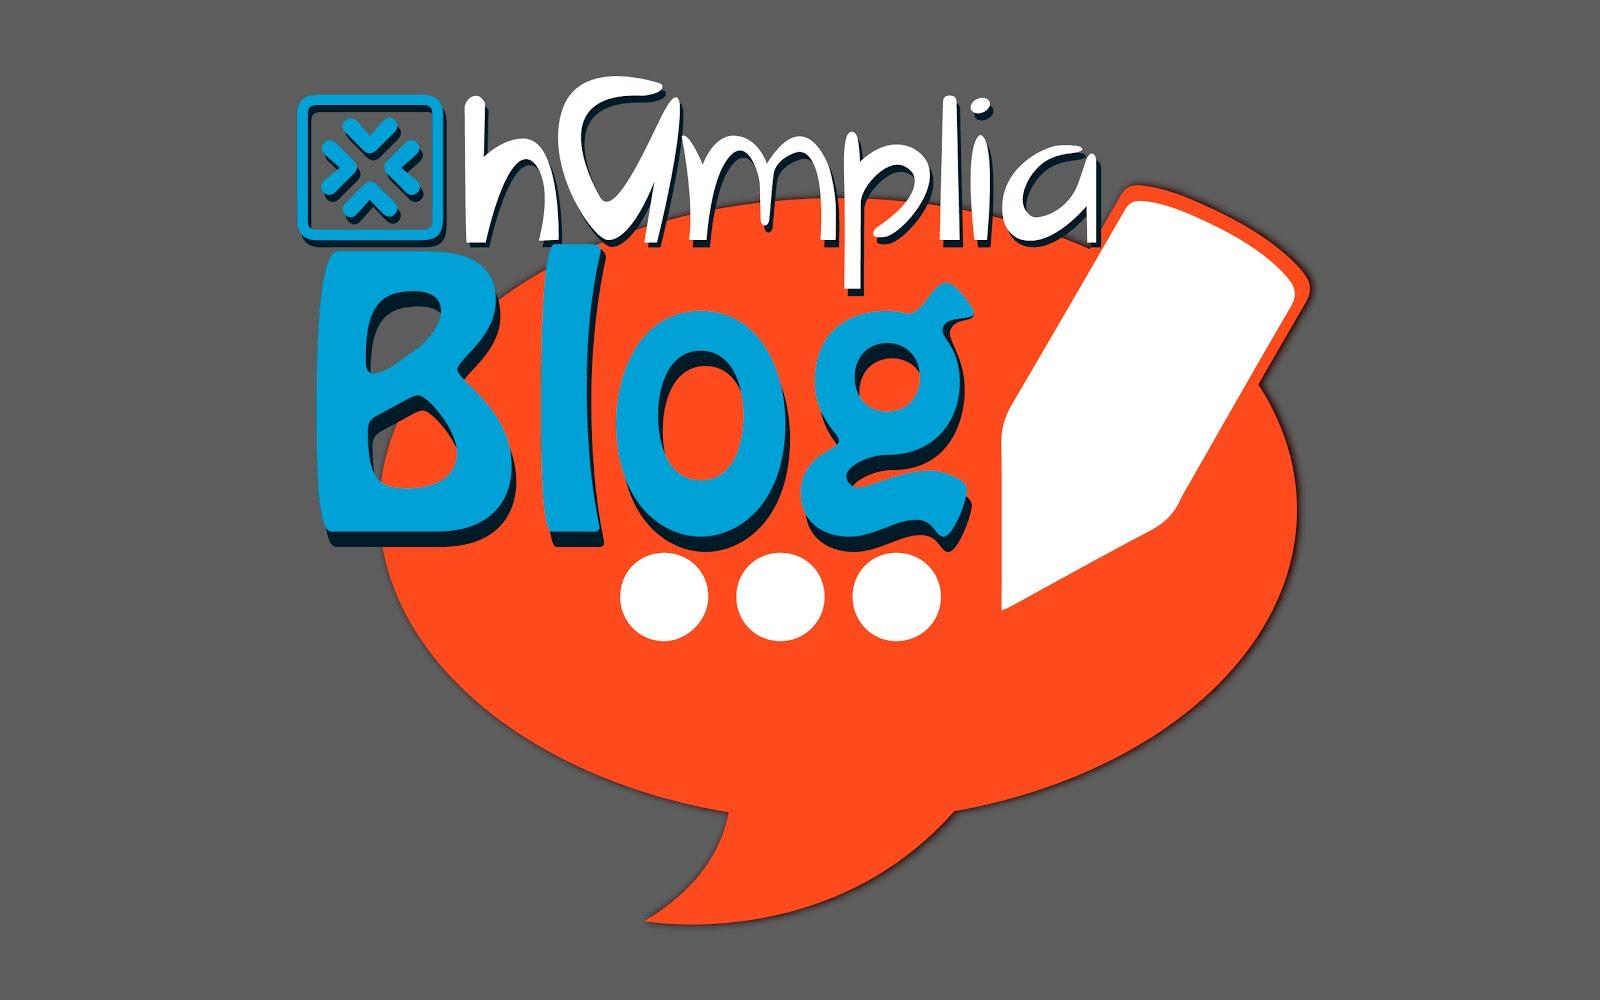 Hamplia Blog